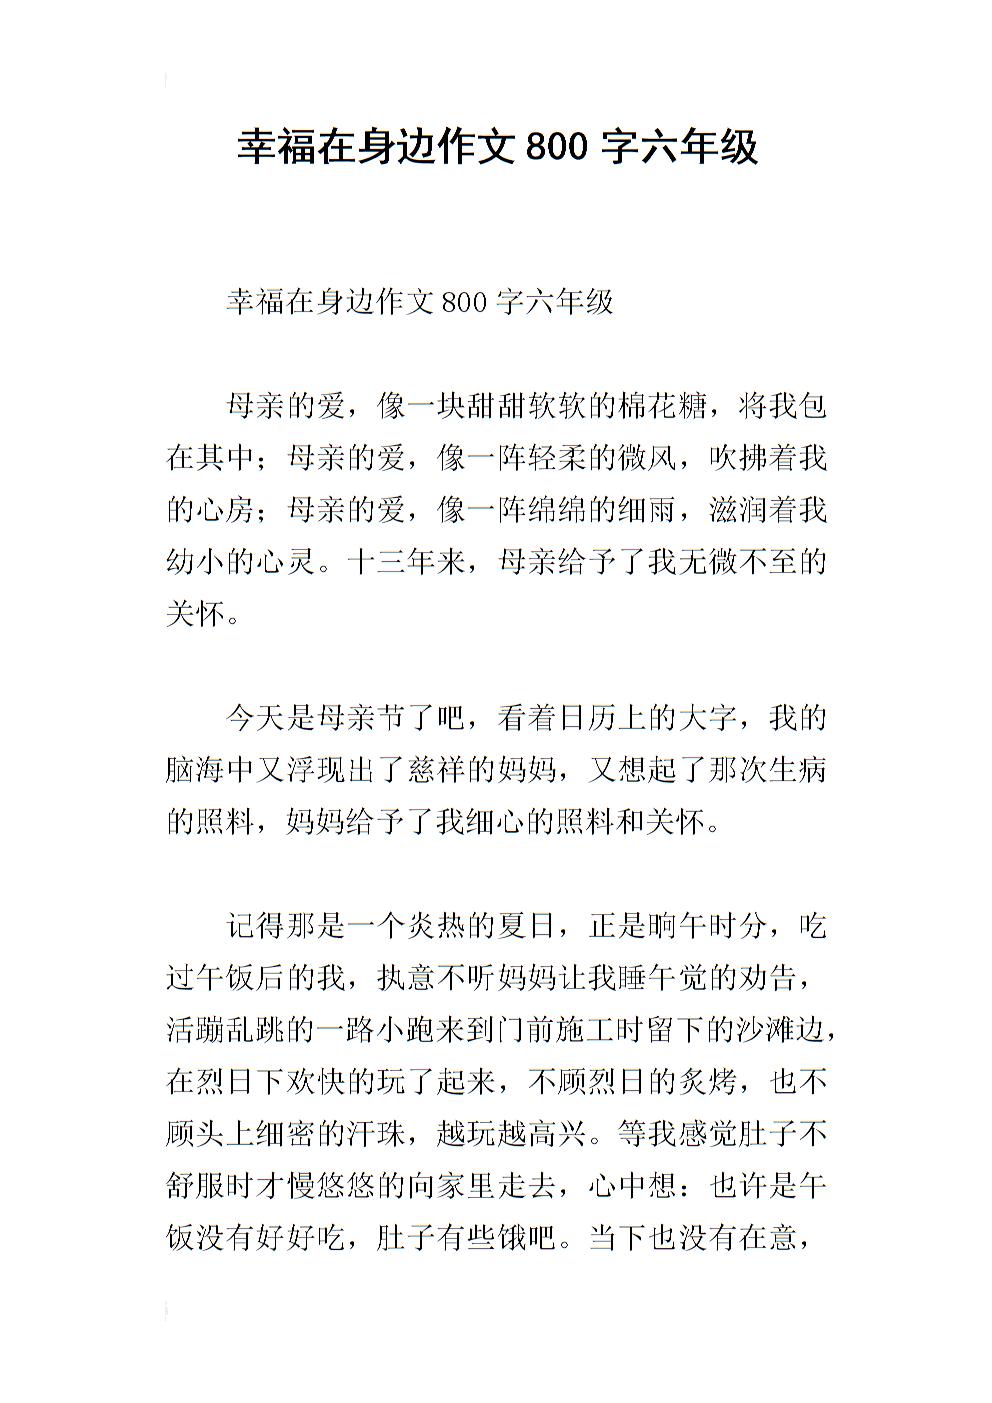 a政策在身边政策800字六初中.docx保定入学作文年级图片